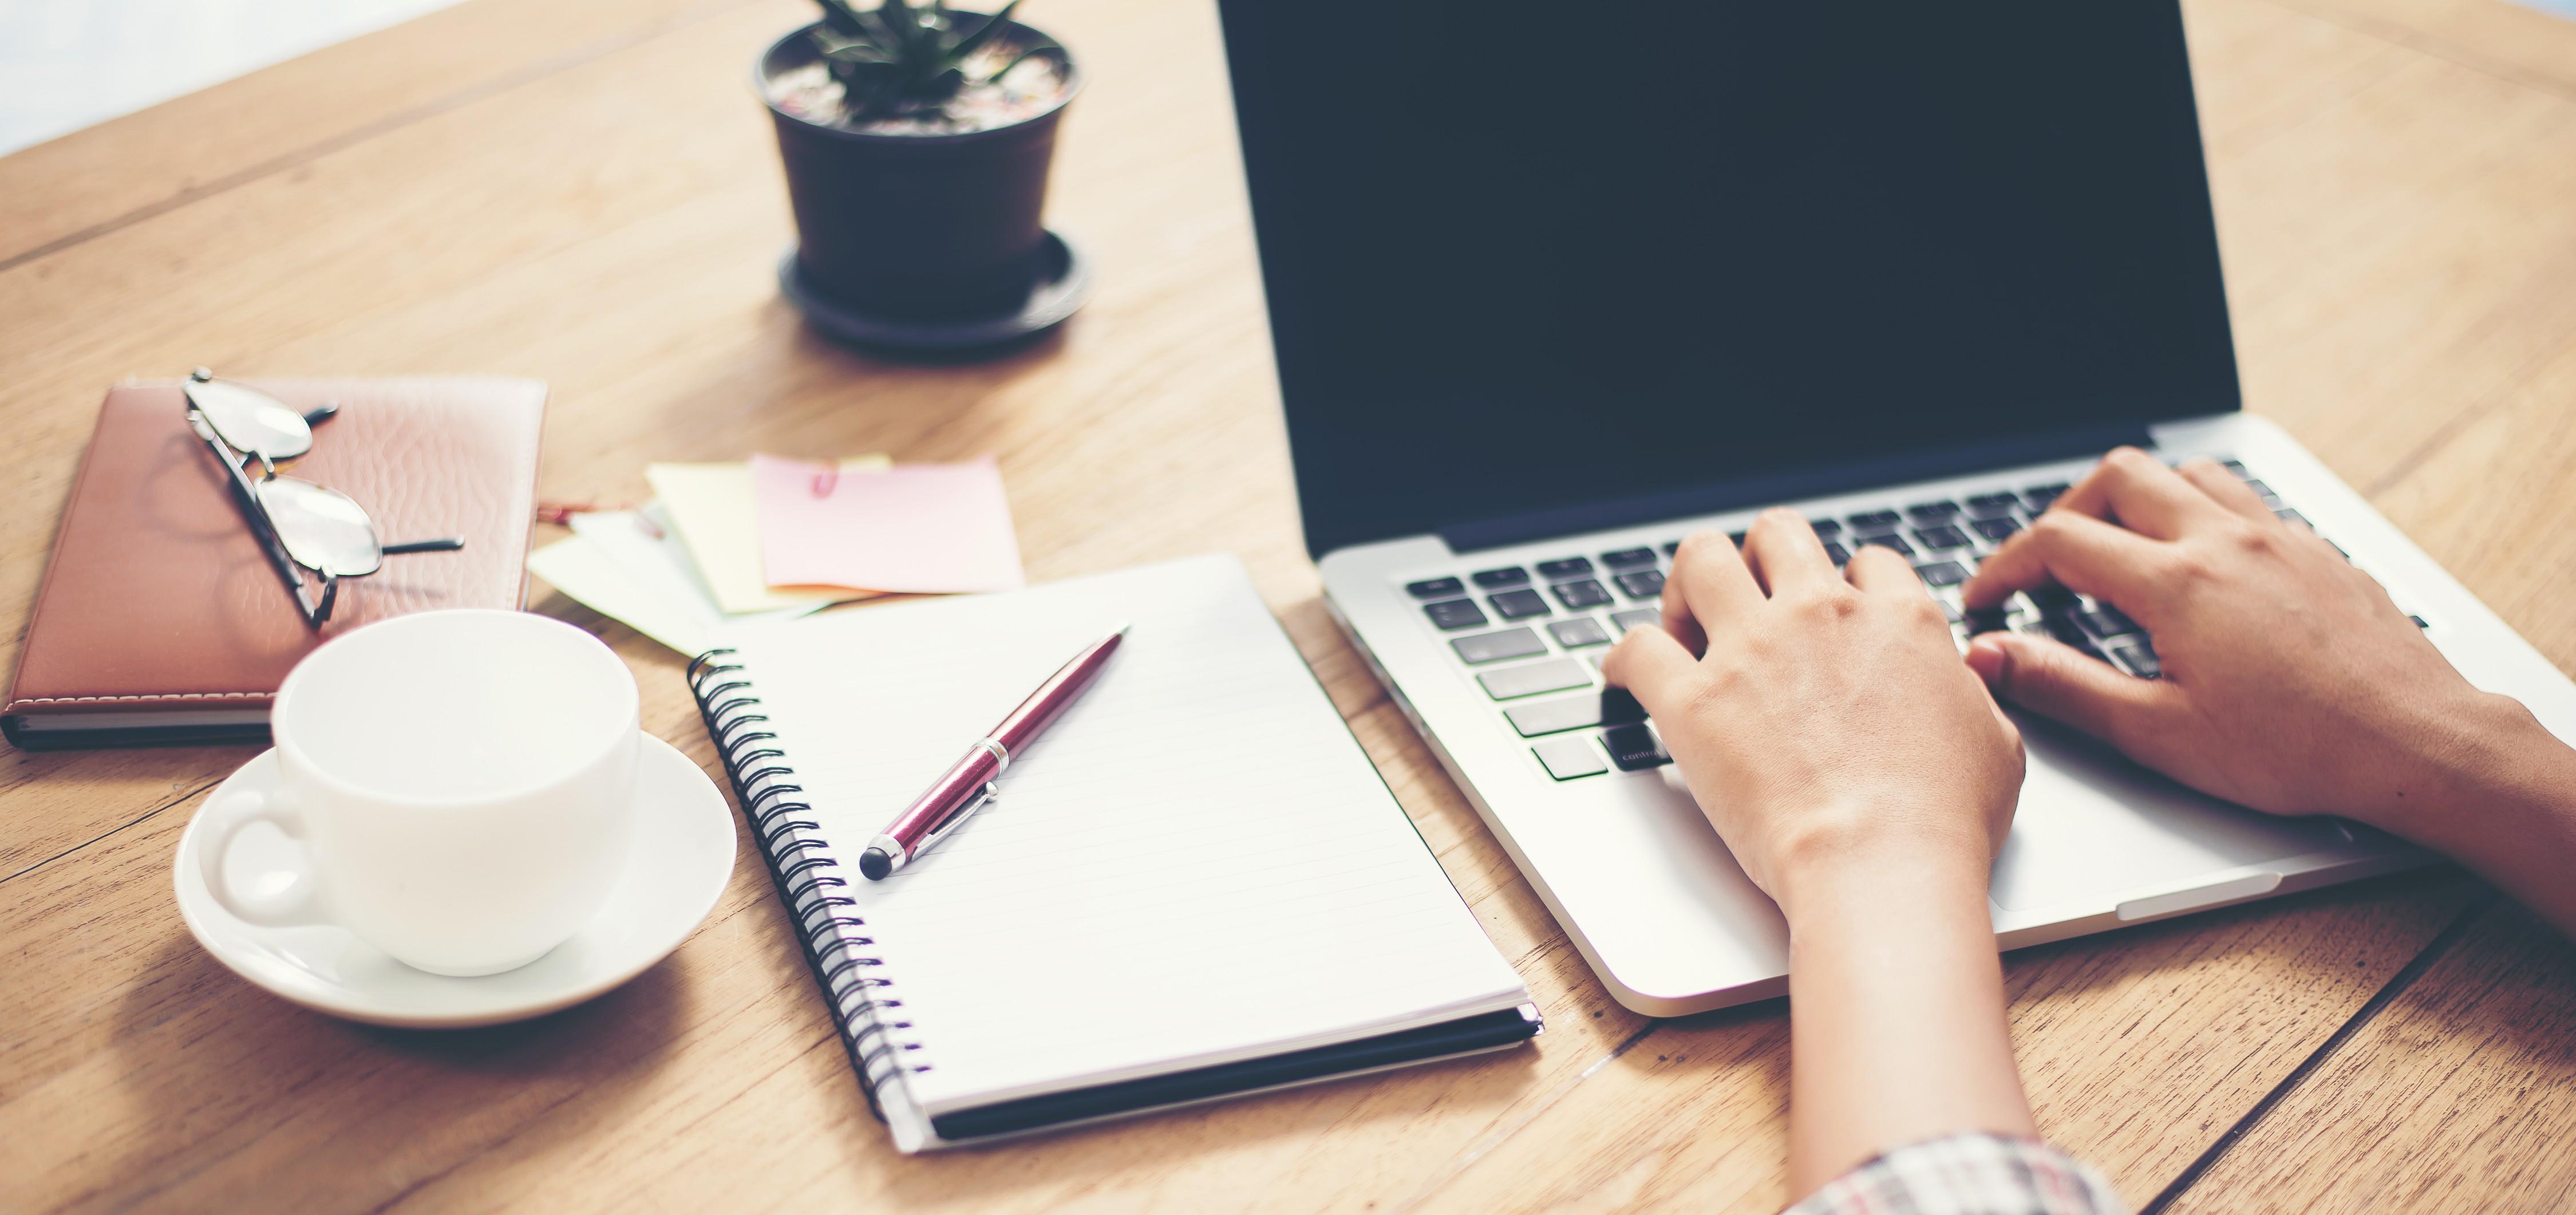 8 najpopularniejszych biznesow na instagramie wbiznes skuteczny marketing 14 Prostych Pomyslow Na Udany Biznes Online Przedsiebiorcza